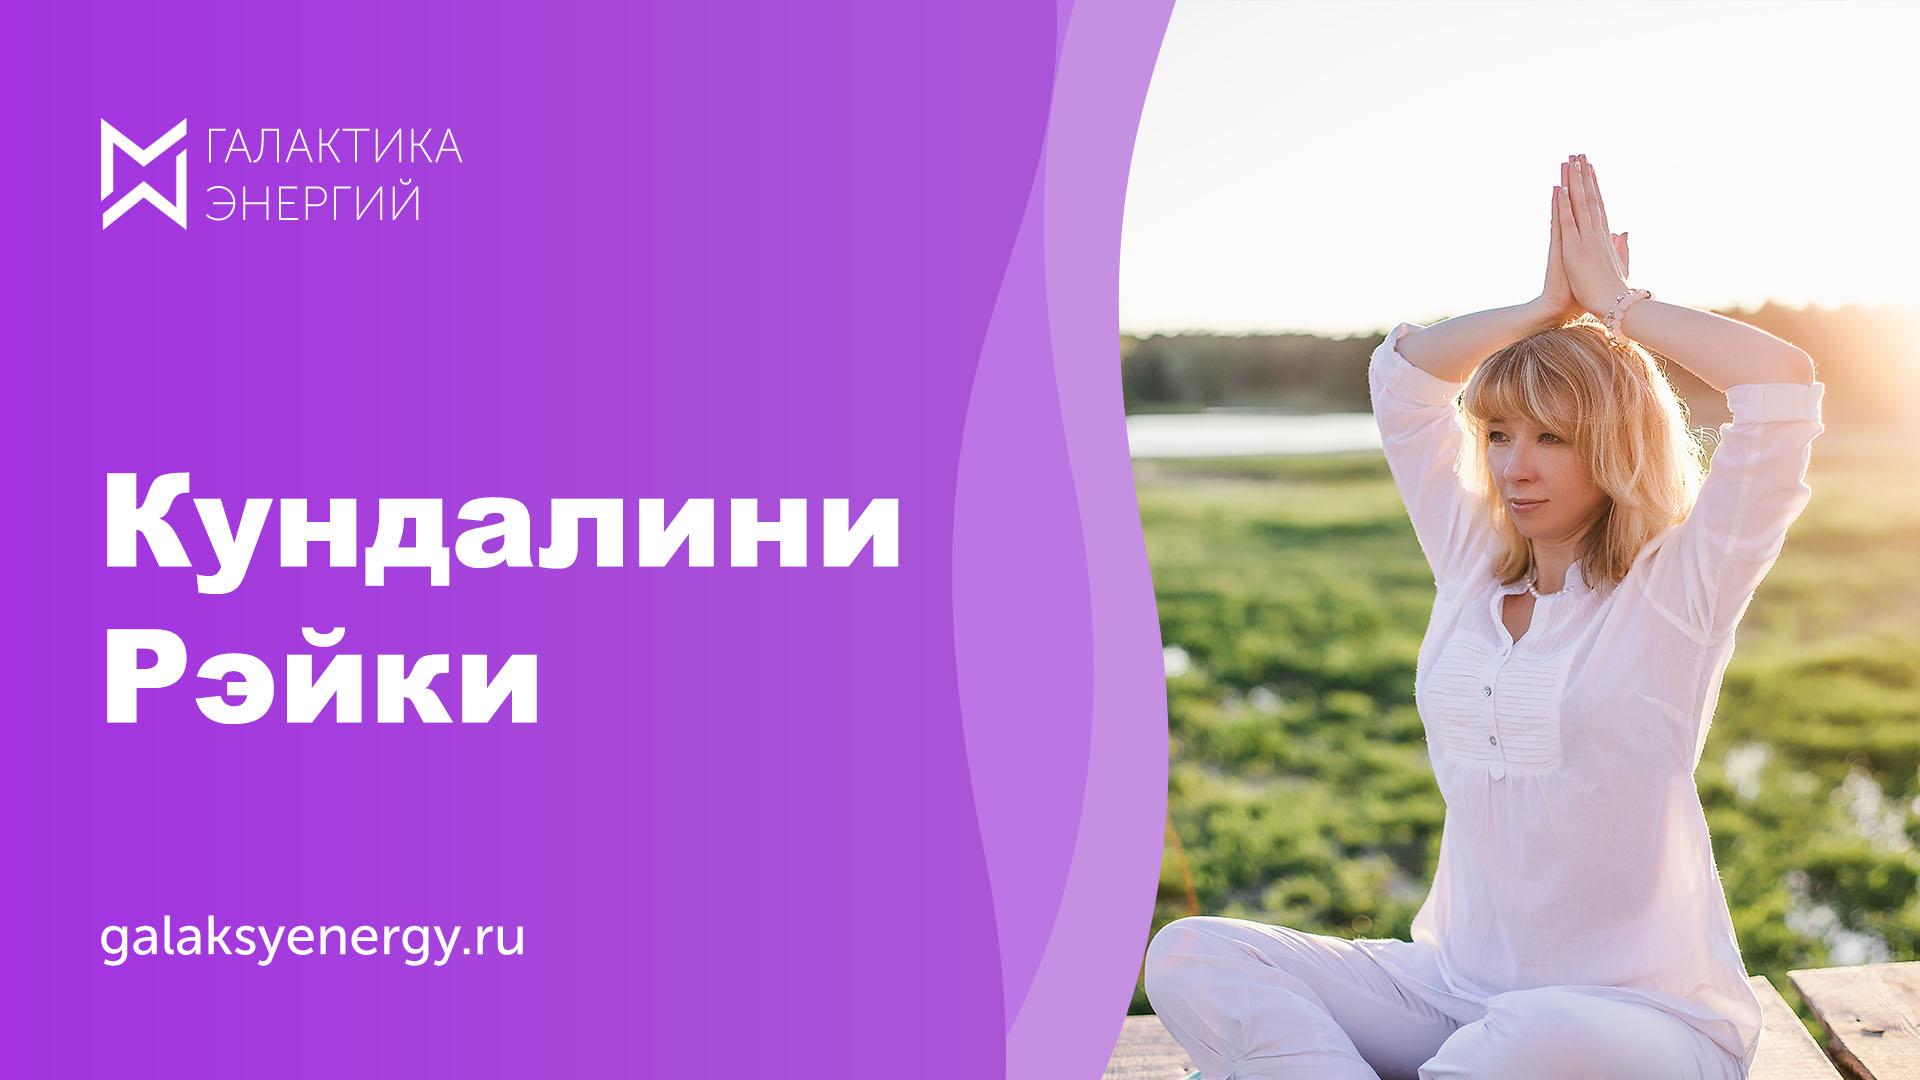 Кундалини Рэйки новейшая и простая система исцеления и саморазвития!